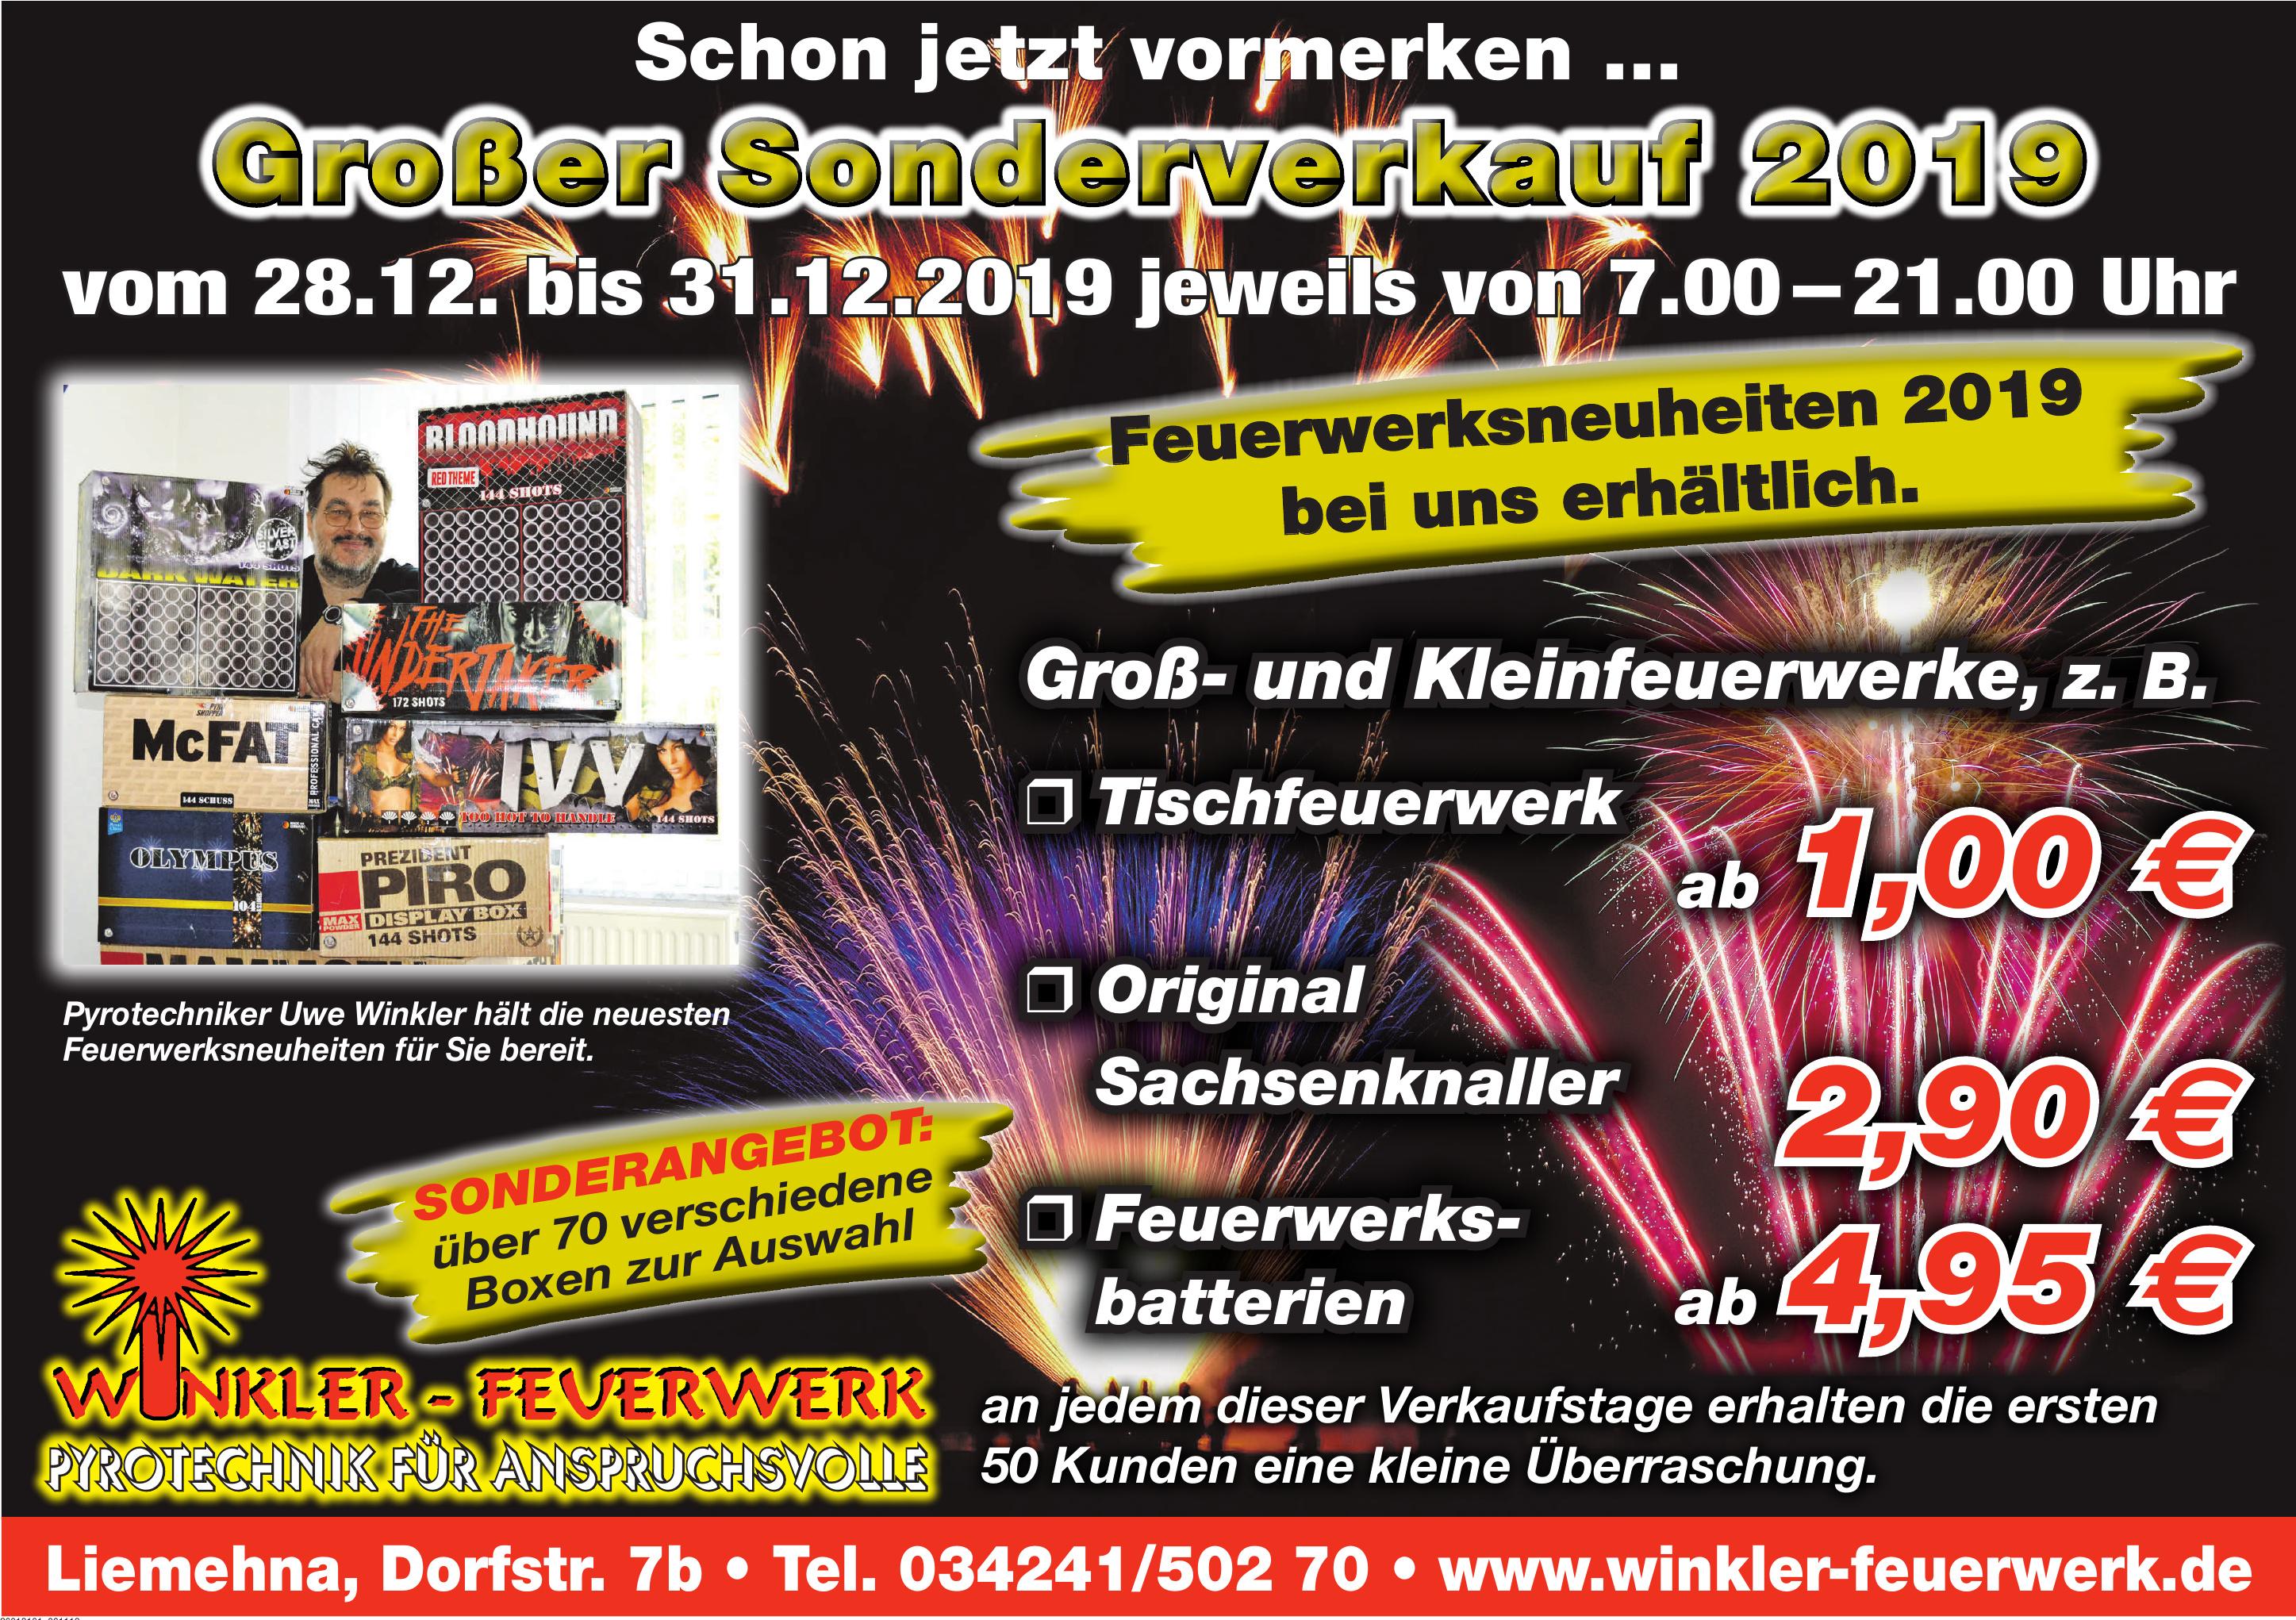 Winkler Feuerwerk Pyrotechnik für Anspruchsvolle